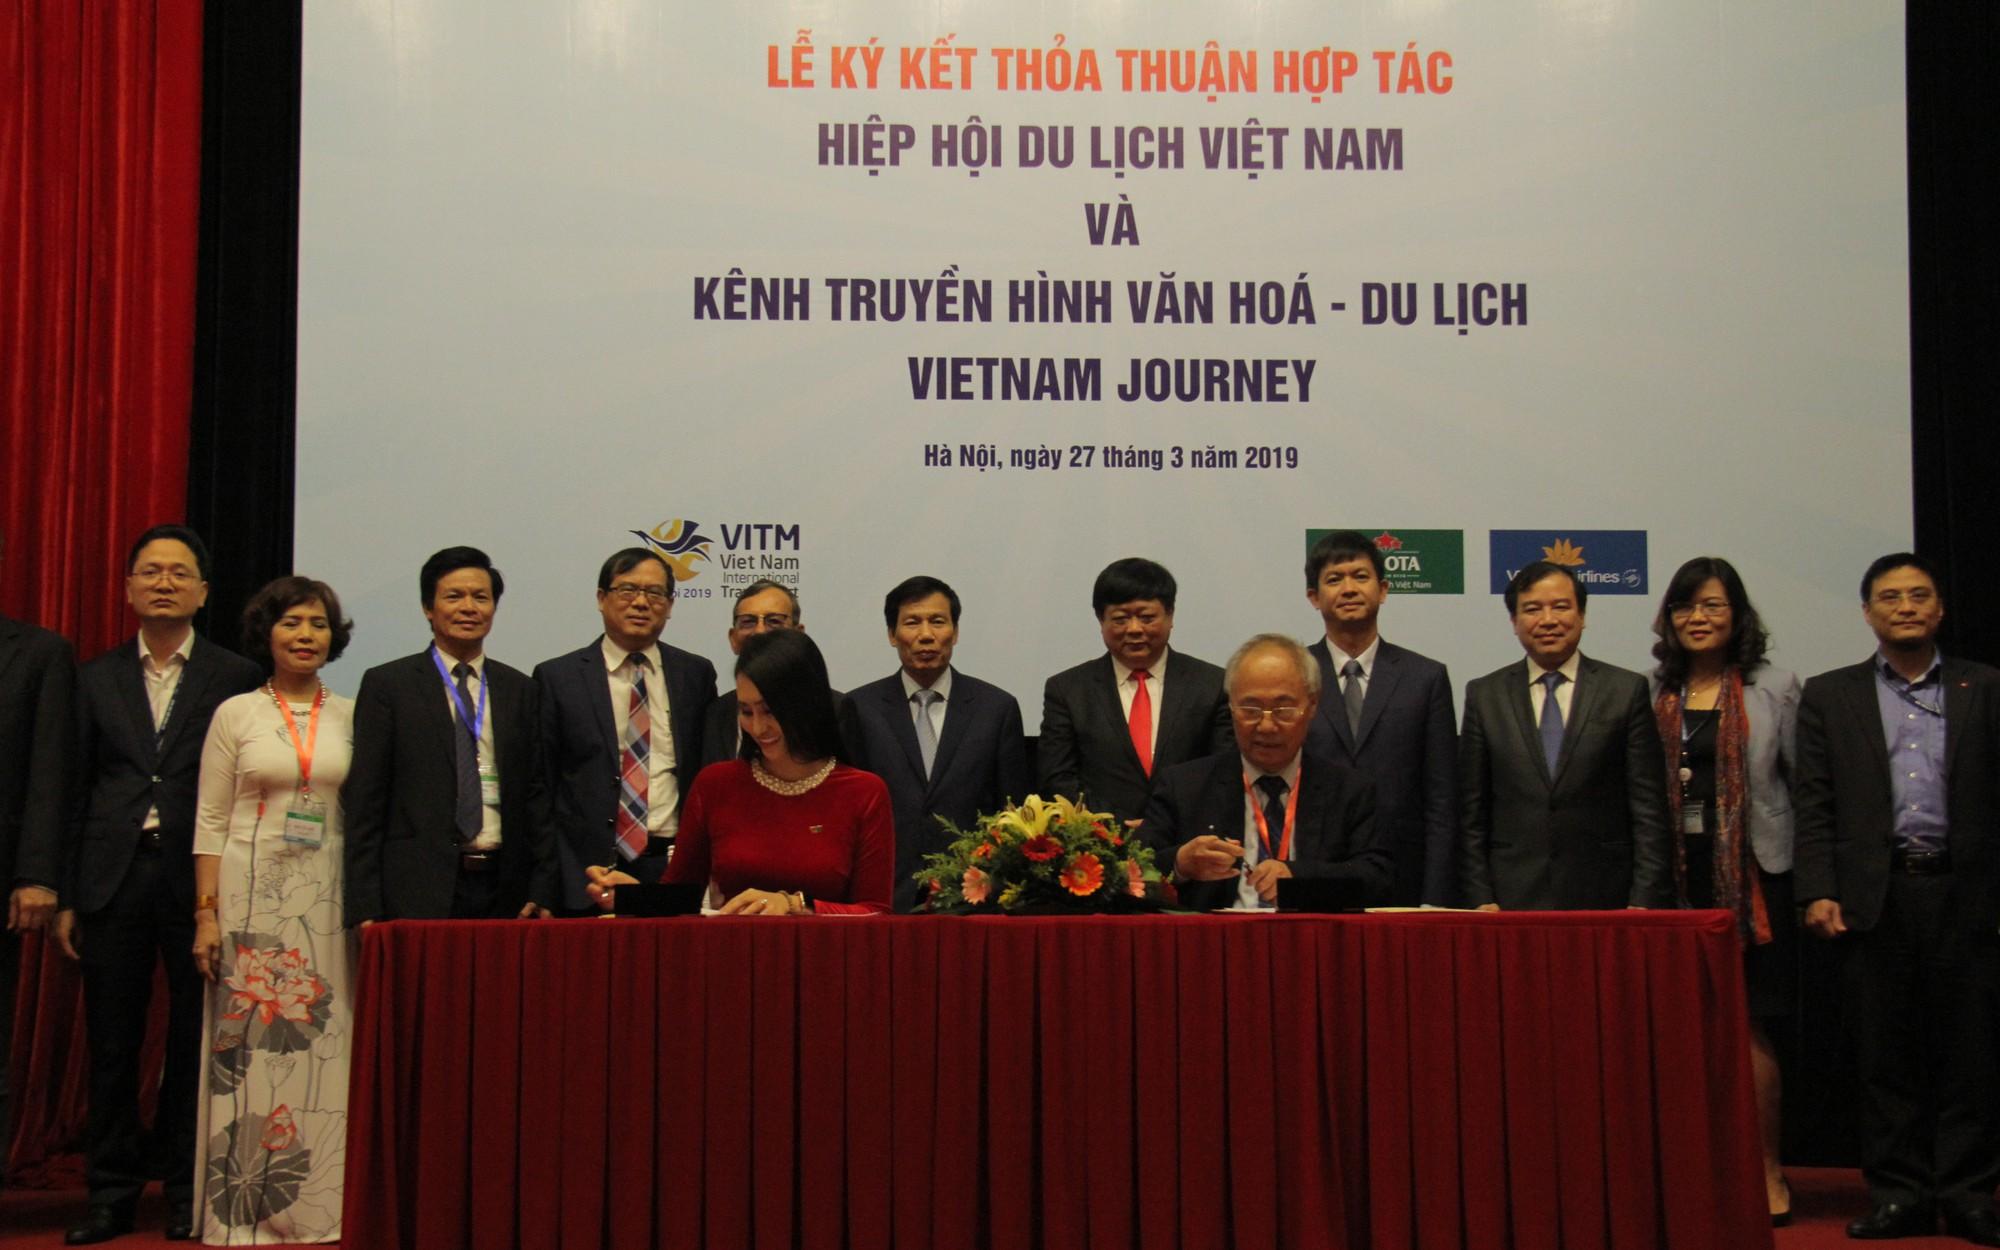 Hiệp Hội Du lịch Việt Namký kết thỏa thuận với Kênh Truyền hình Đài Tiếng nói Việt Nam